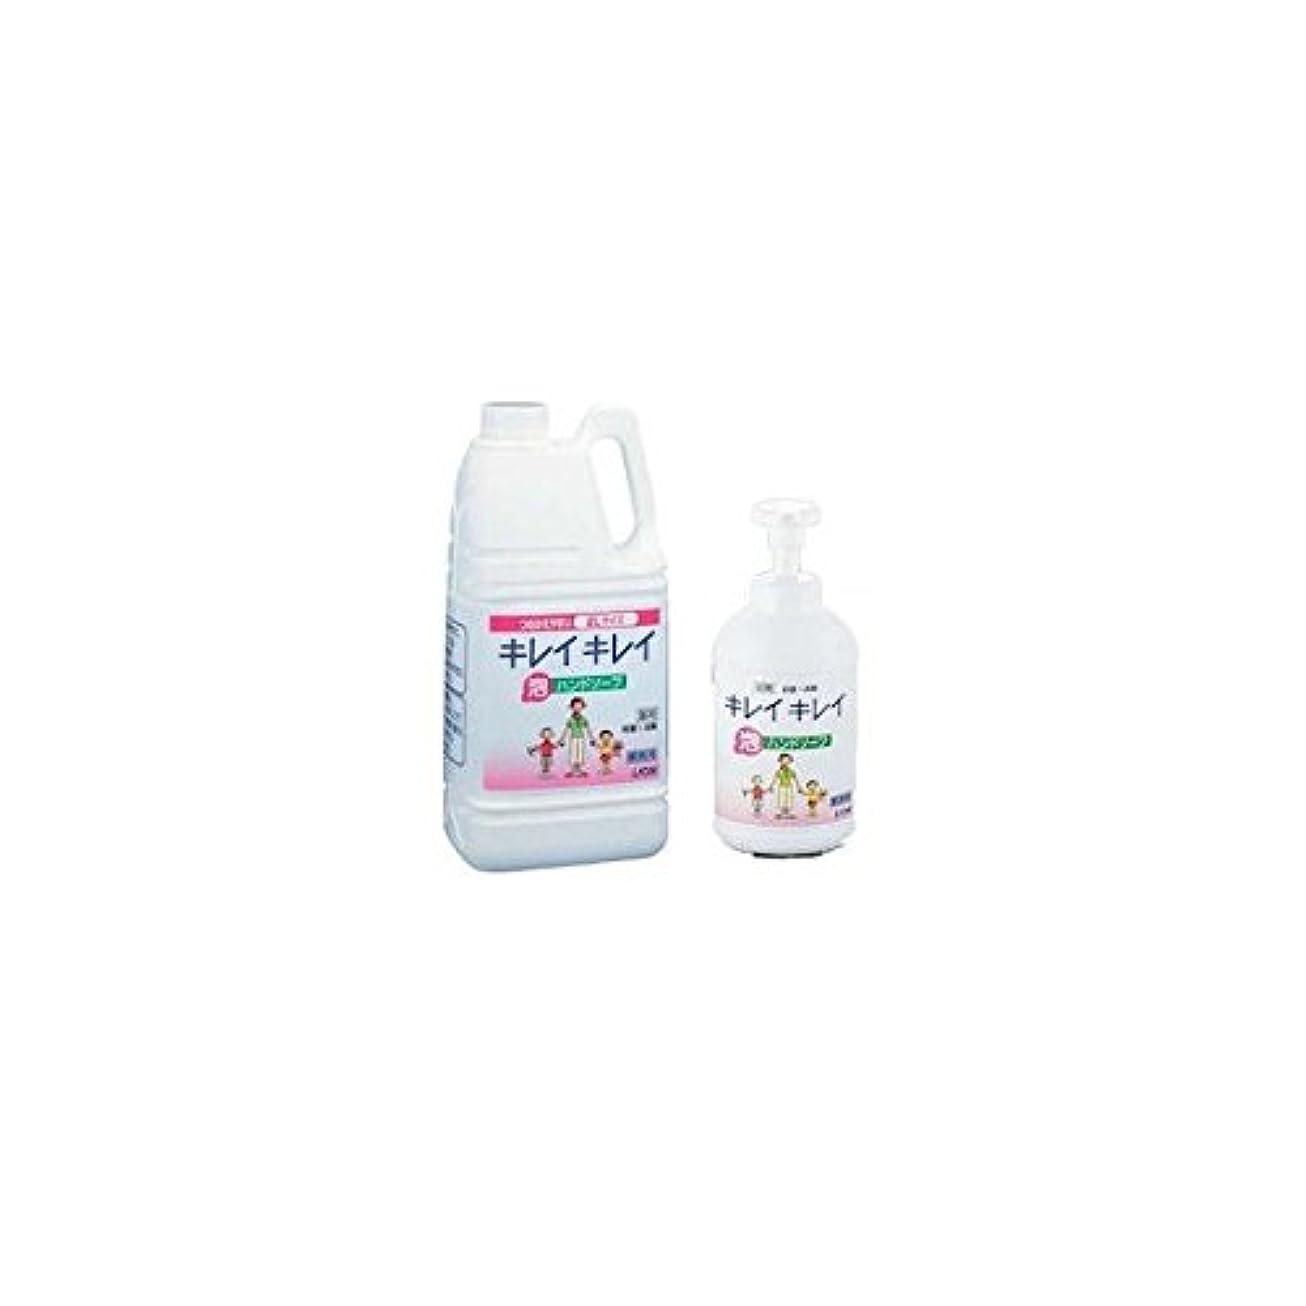 パキスタン人スキームによるとライオン キレイキレイ薬用泡ハンドソープ 2L(700ML専用ポンプ付) 【品番】JHV2503